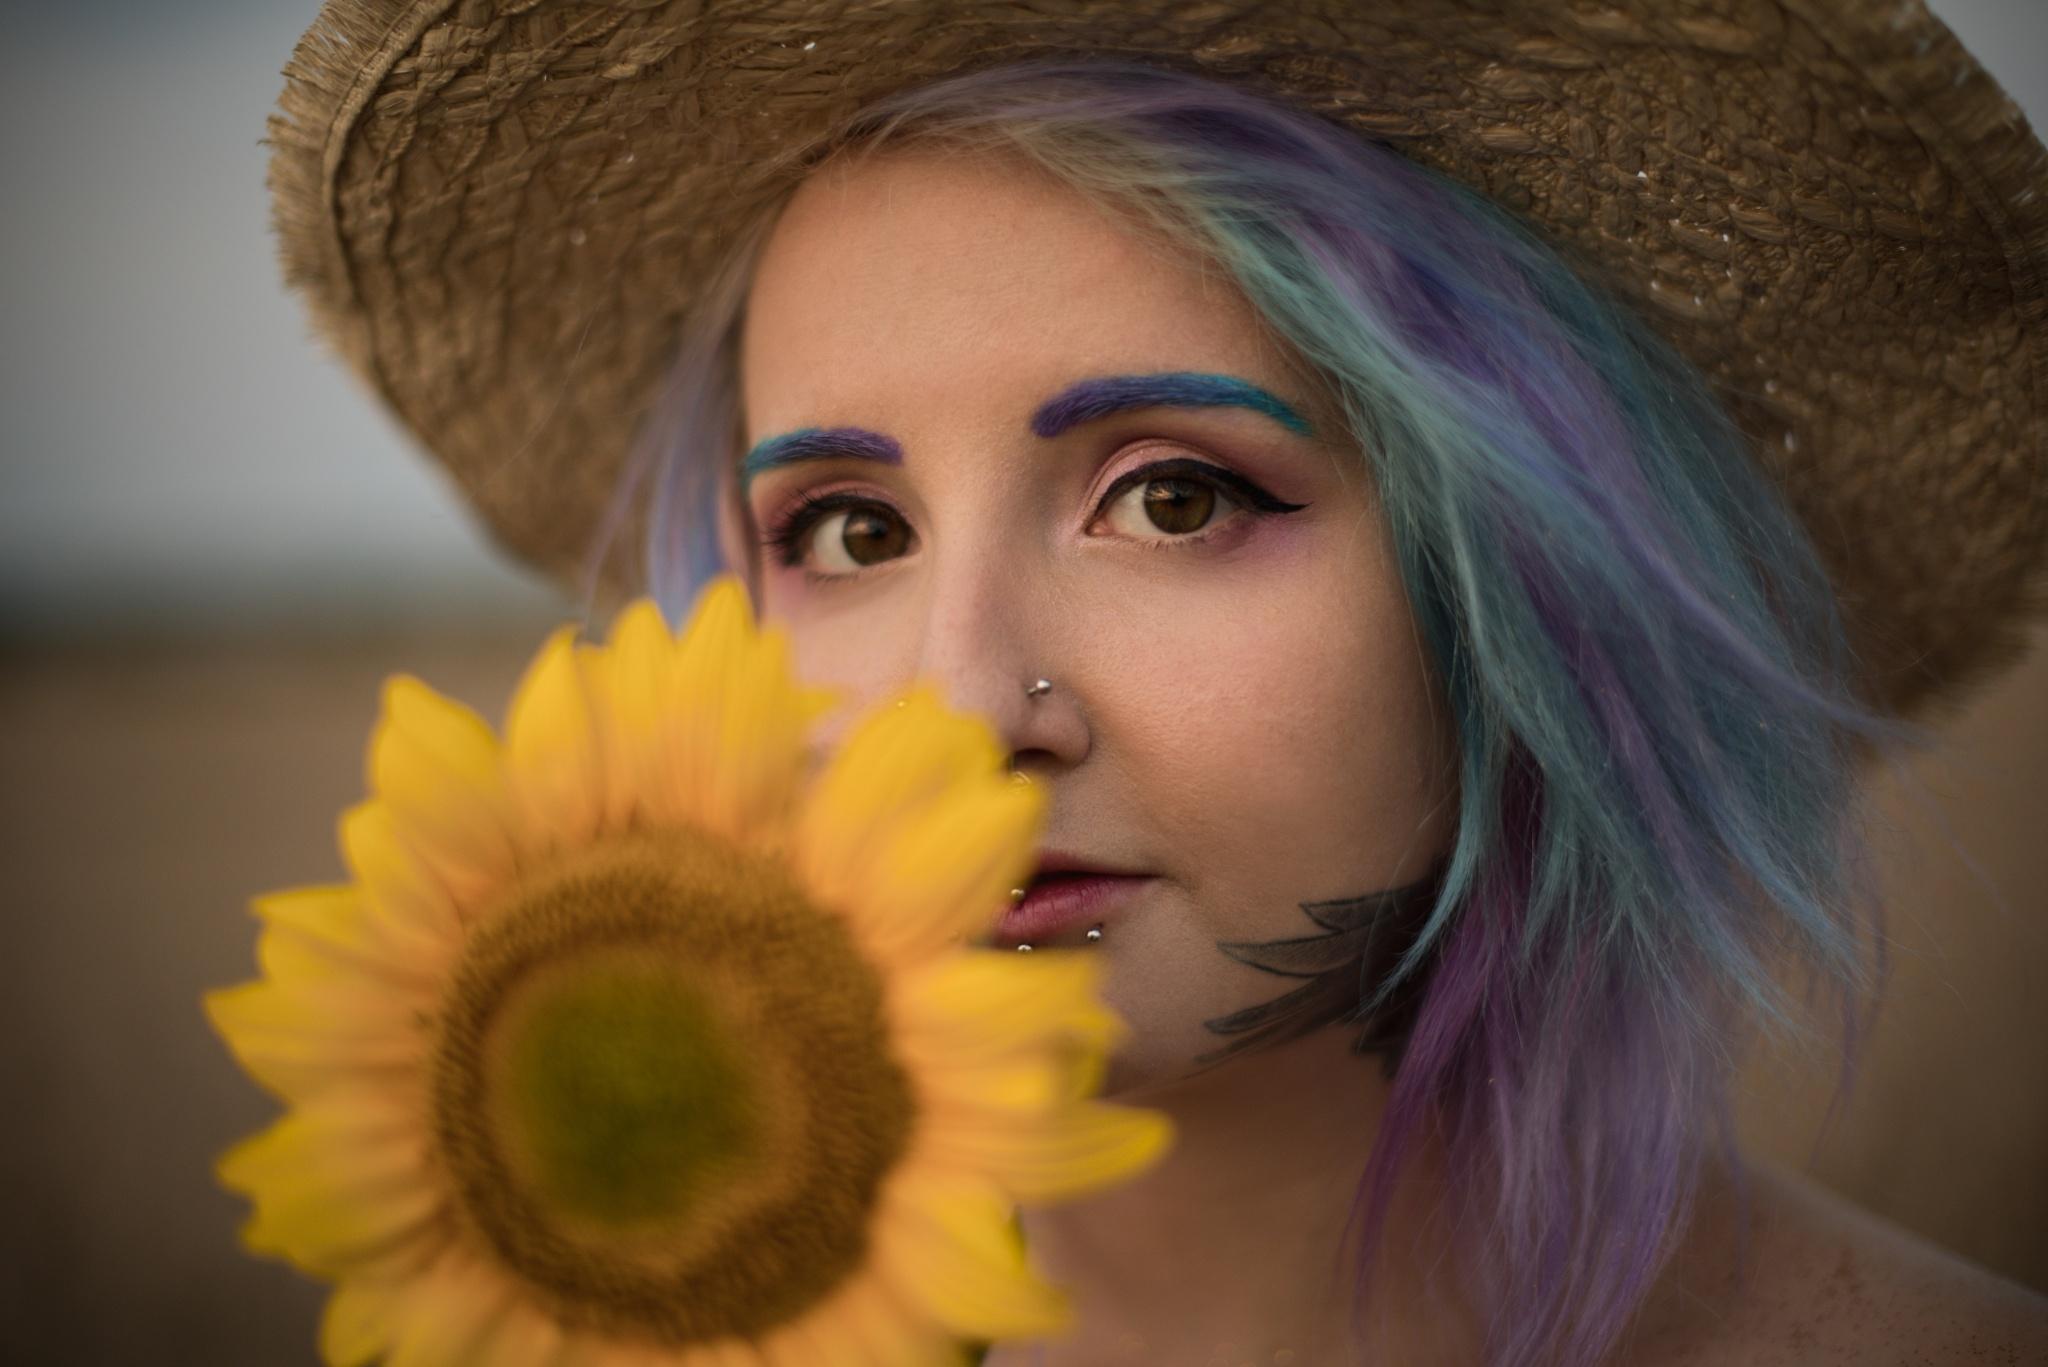 Zlatá hodinka, květiny a koupání: Přečtěte si, co a jak fotit v létě slunečnice